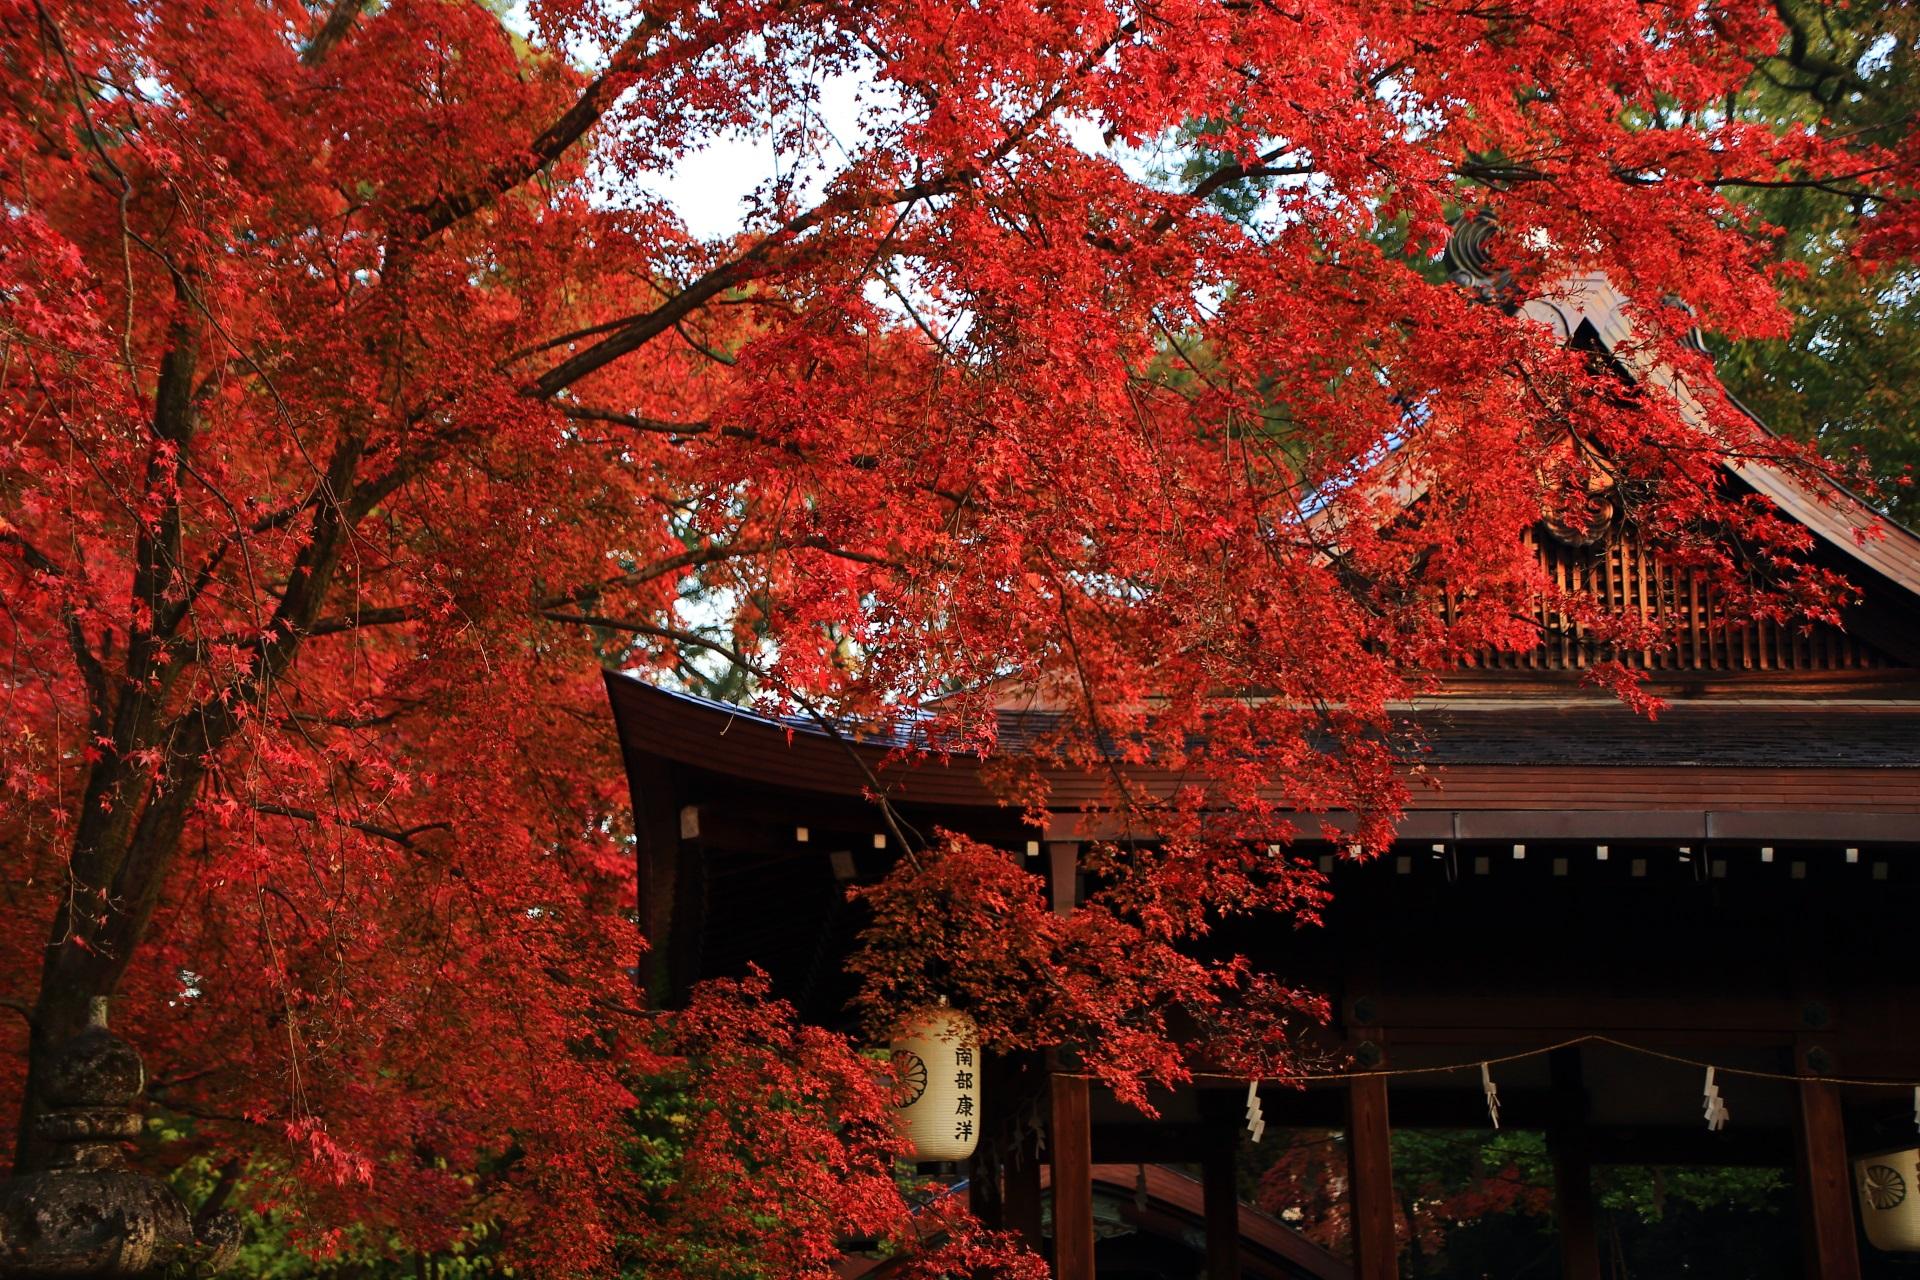 拝殿に降り注ぐような真っ赤な紅葉